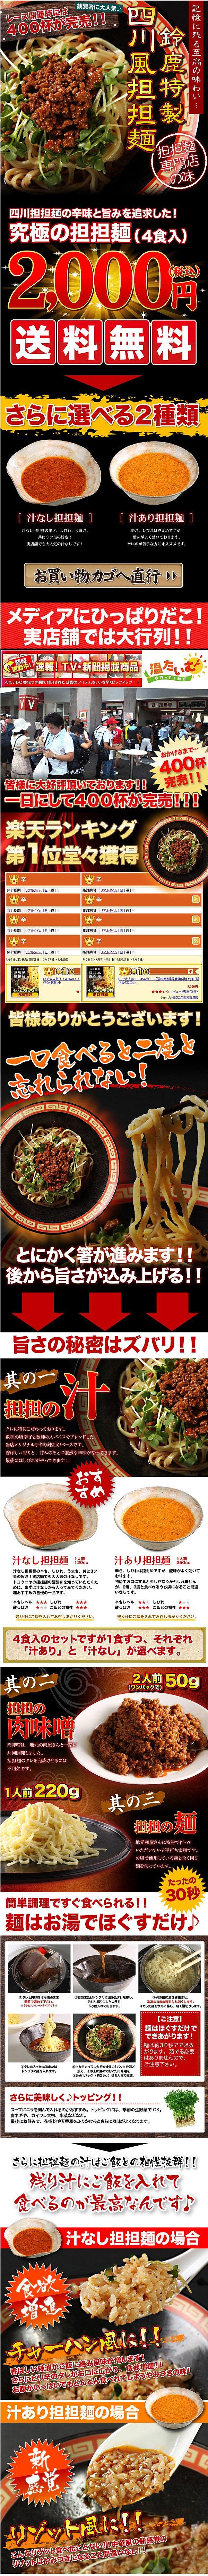 鈴鹿特製四川風担担麺